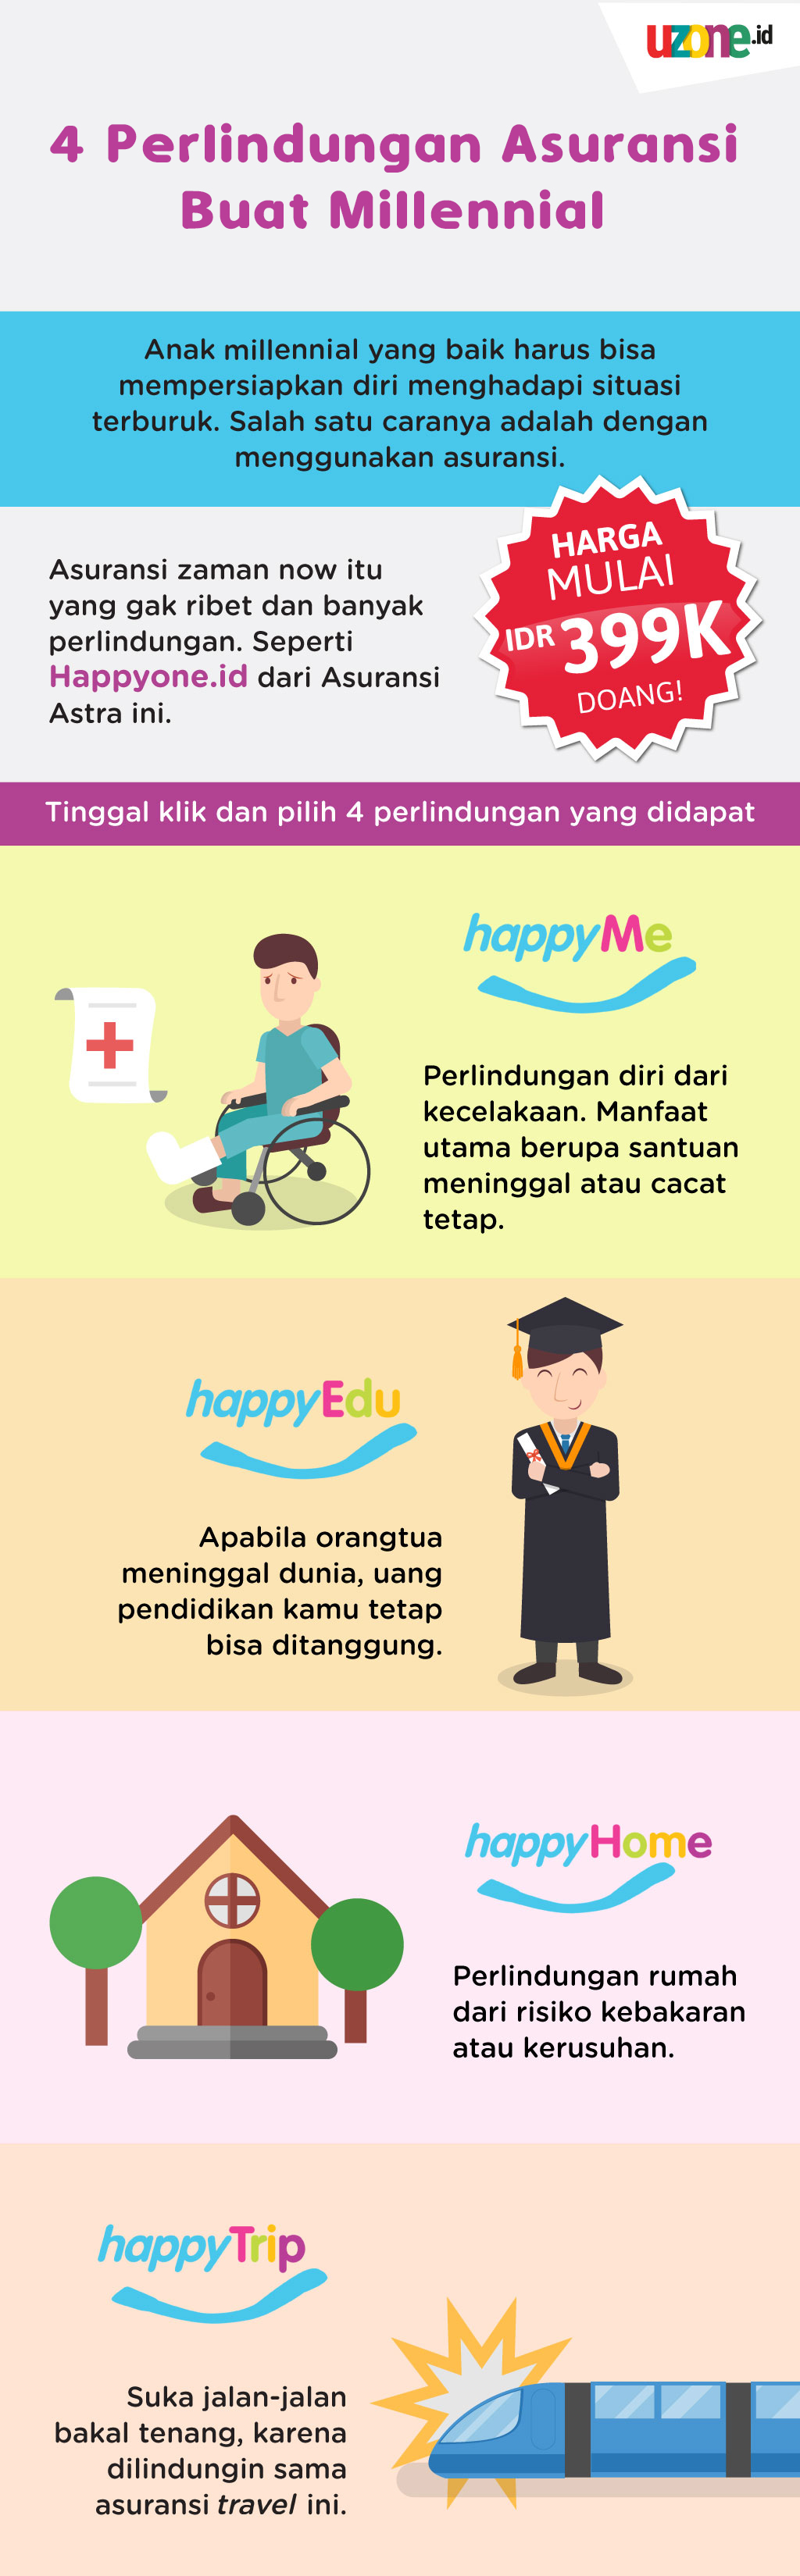 Infografis 4 Perlindungan Asuransi Untuk Anak Millennial